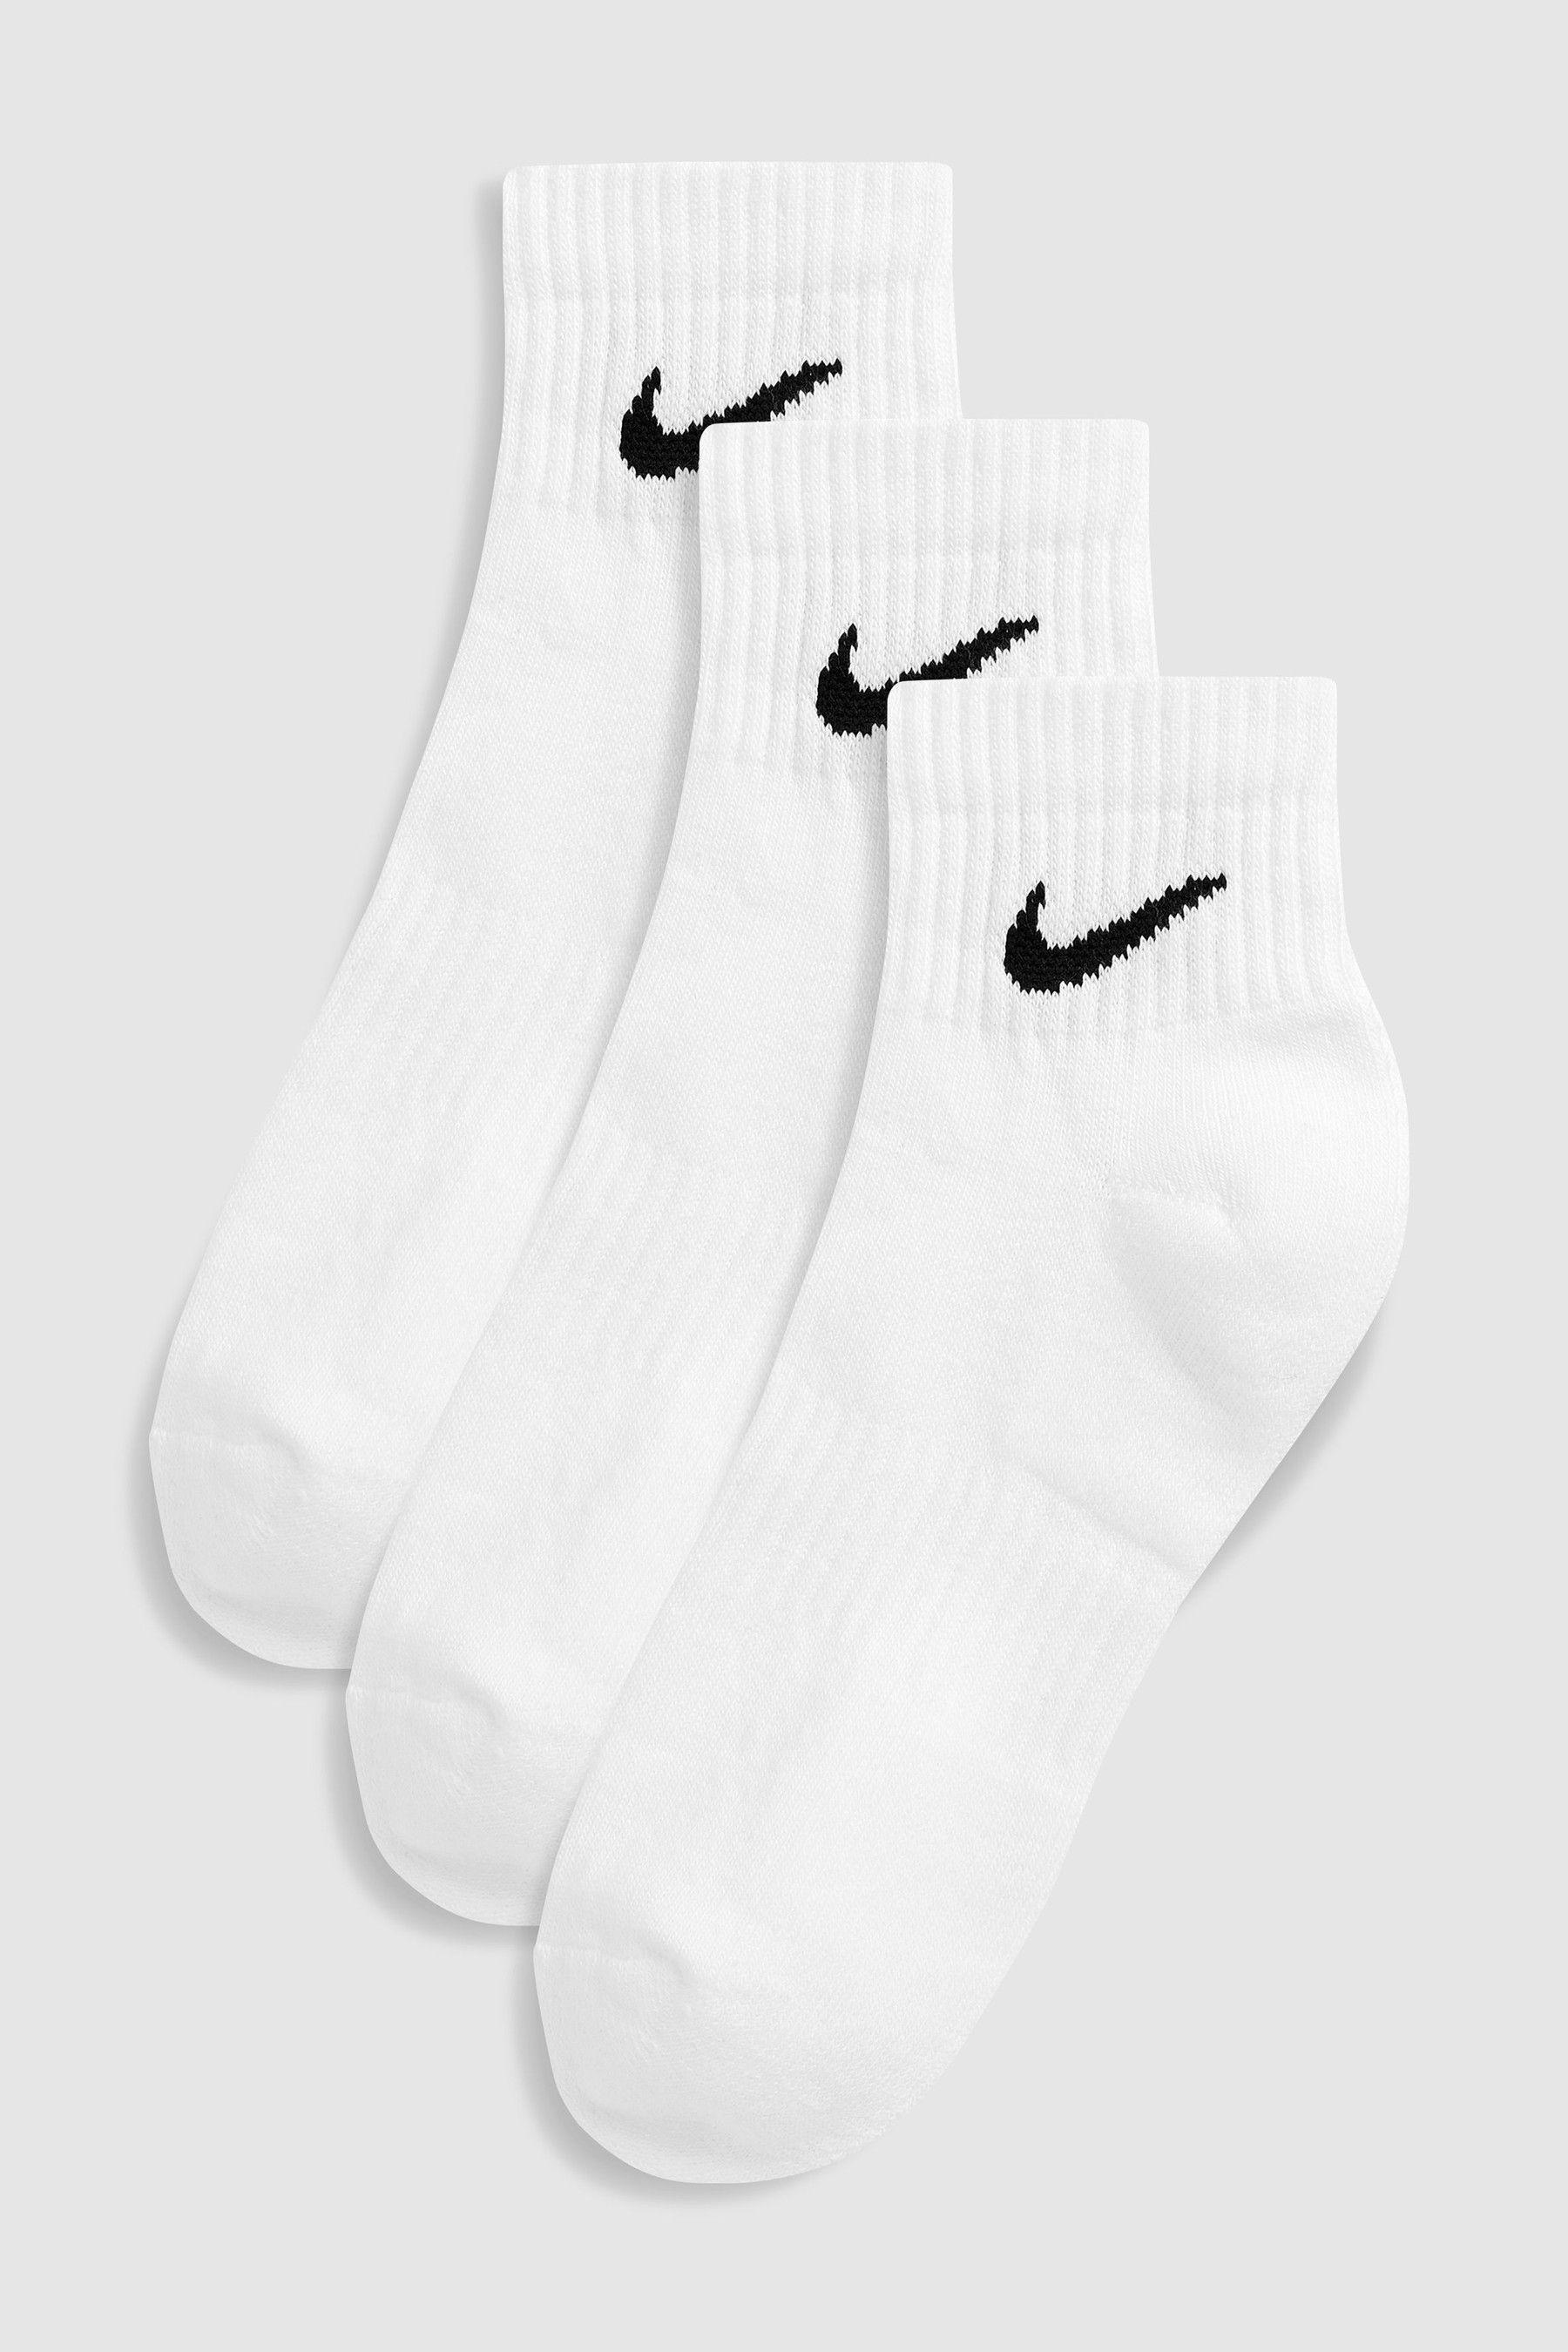 Pin on socks-nike